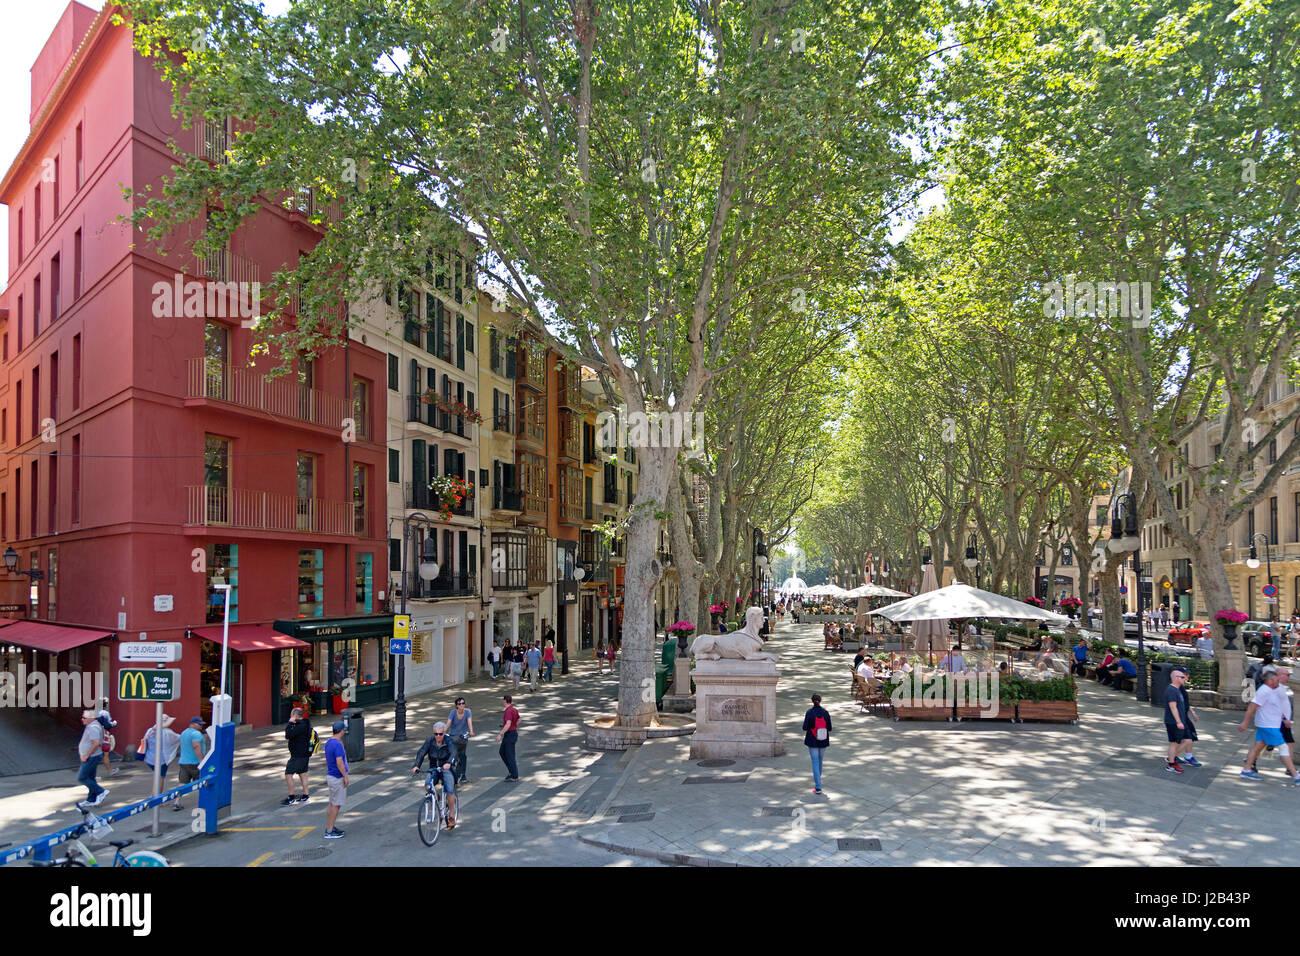 Passeig des Born in Palma de Mallorca, Spain - Stock Image